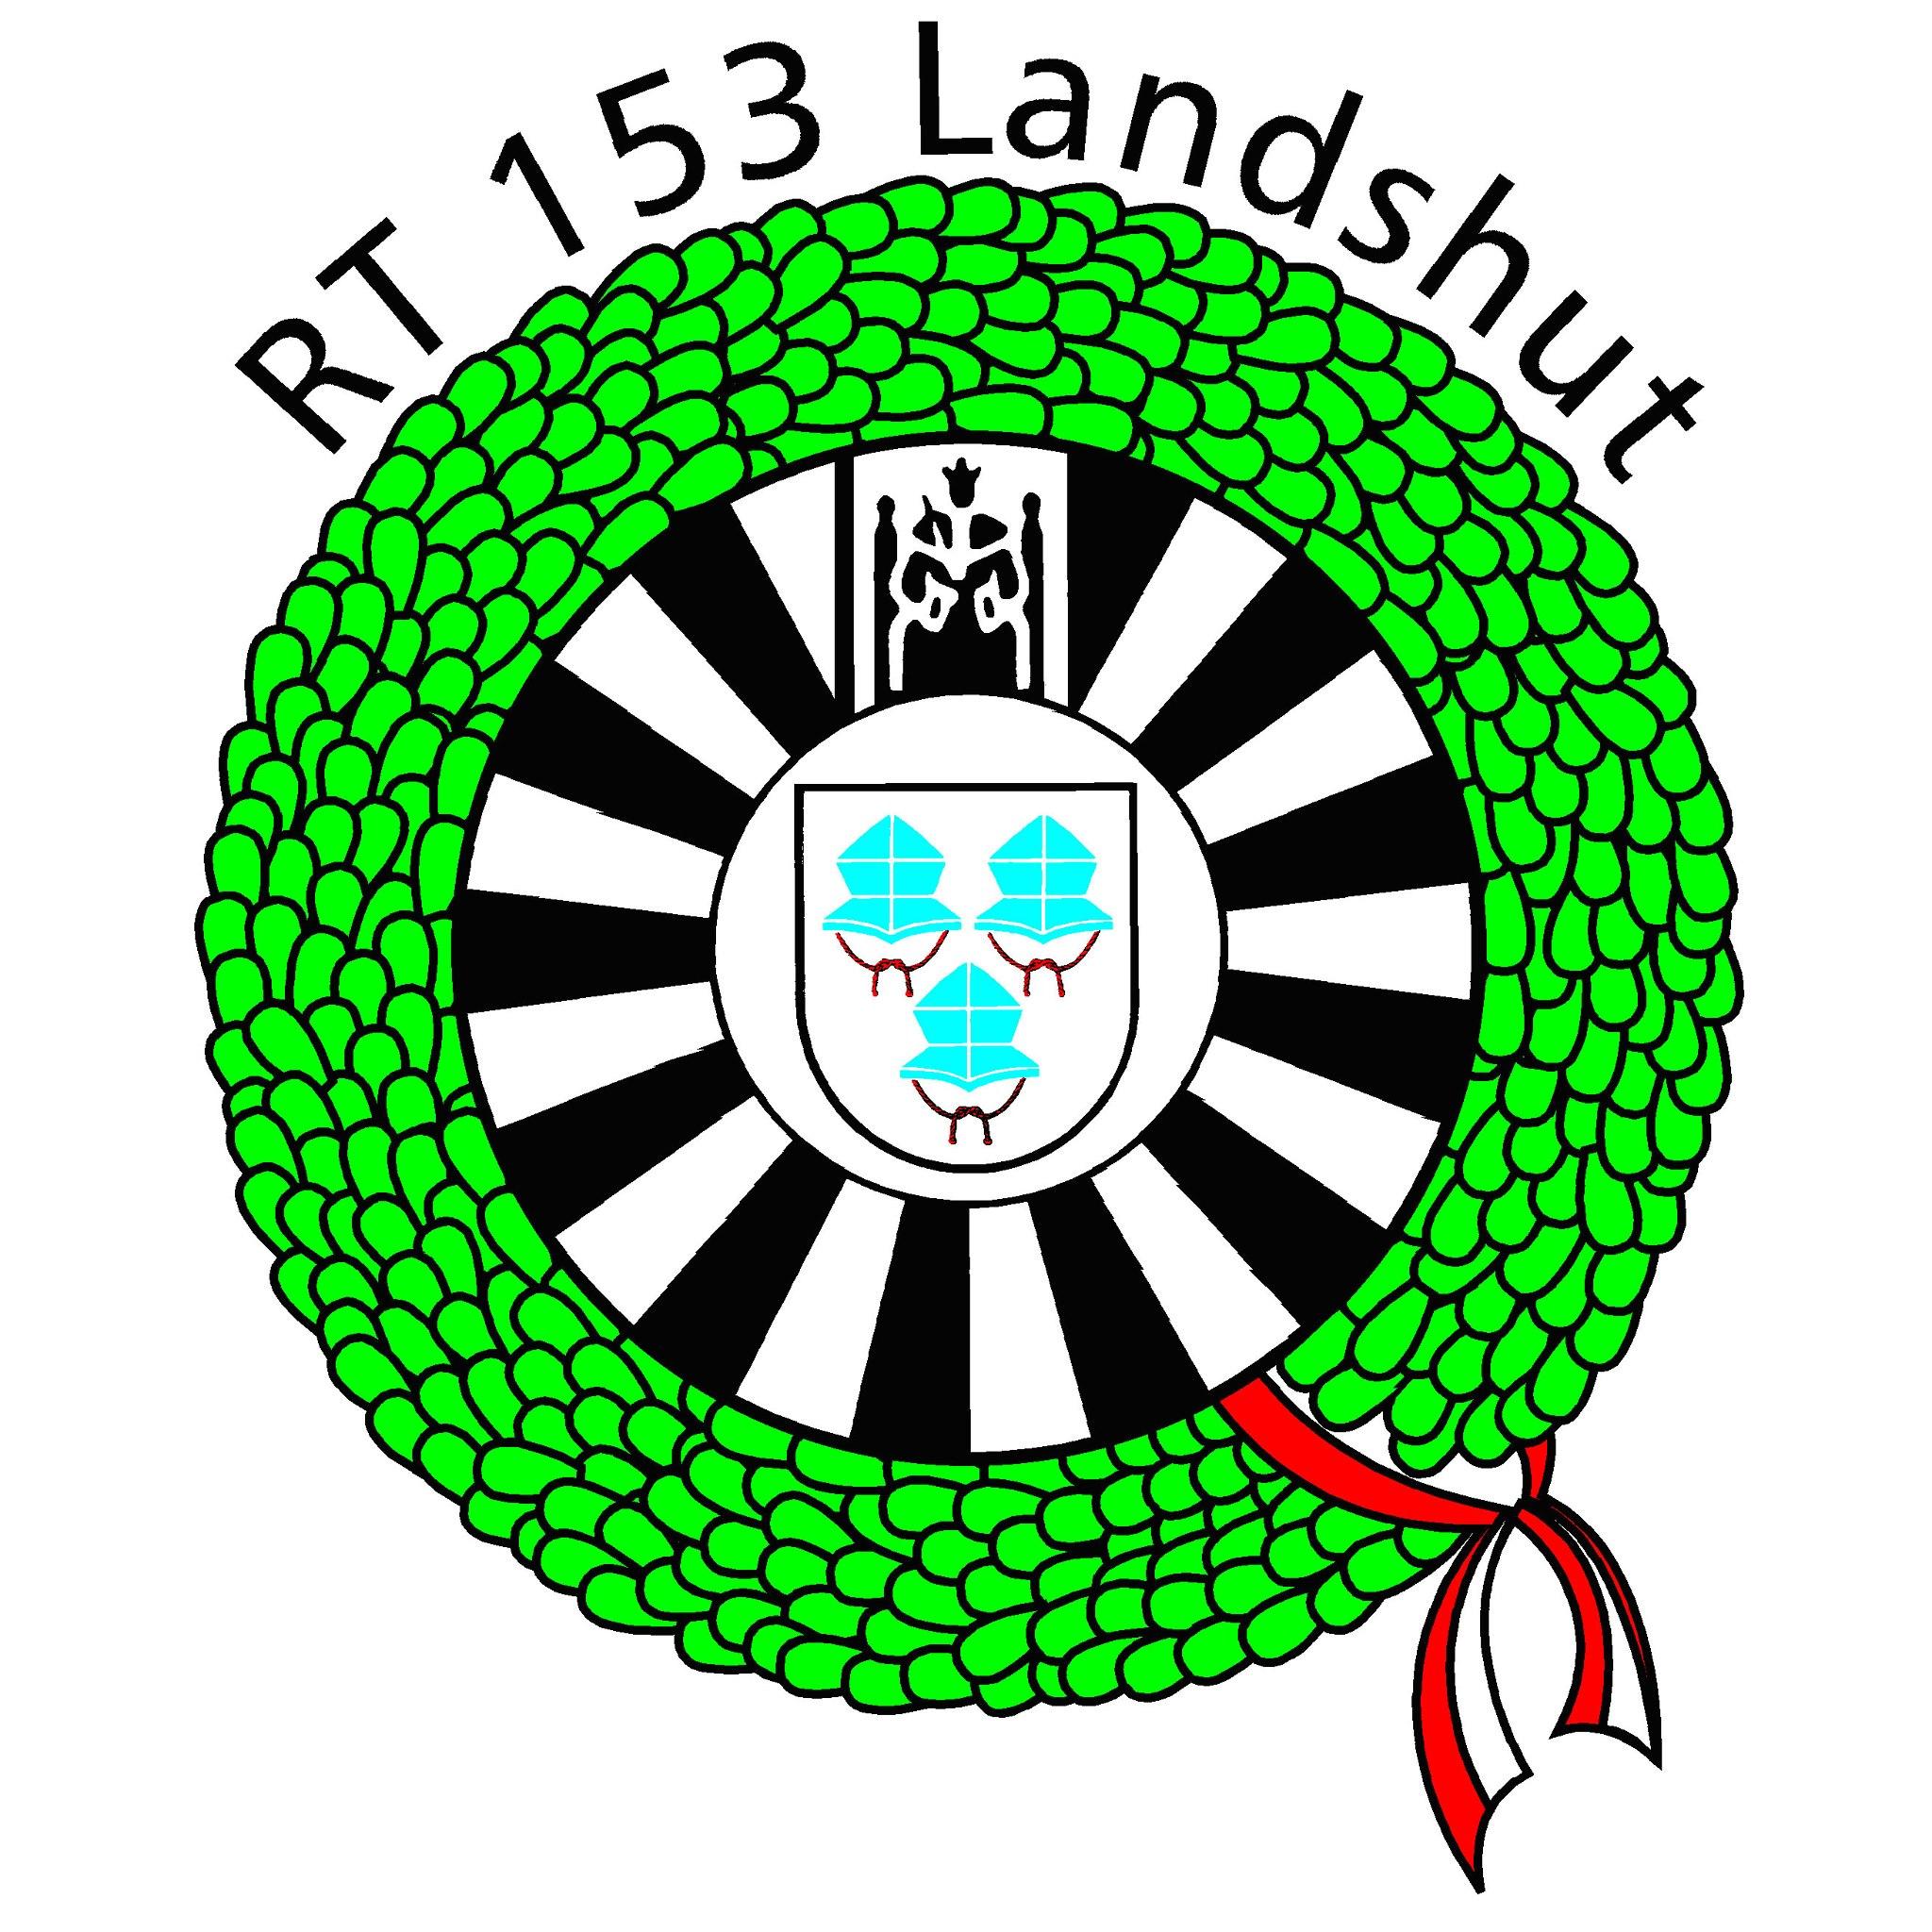 RT 153 LANDSHUT